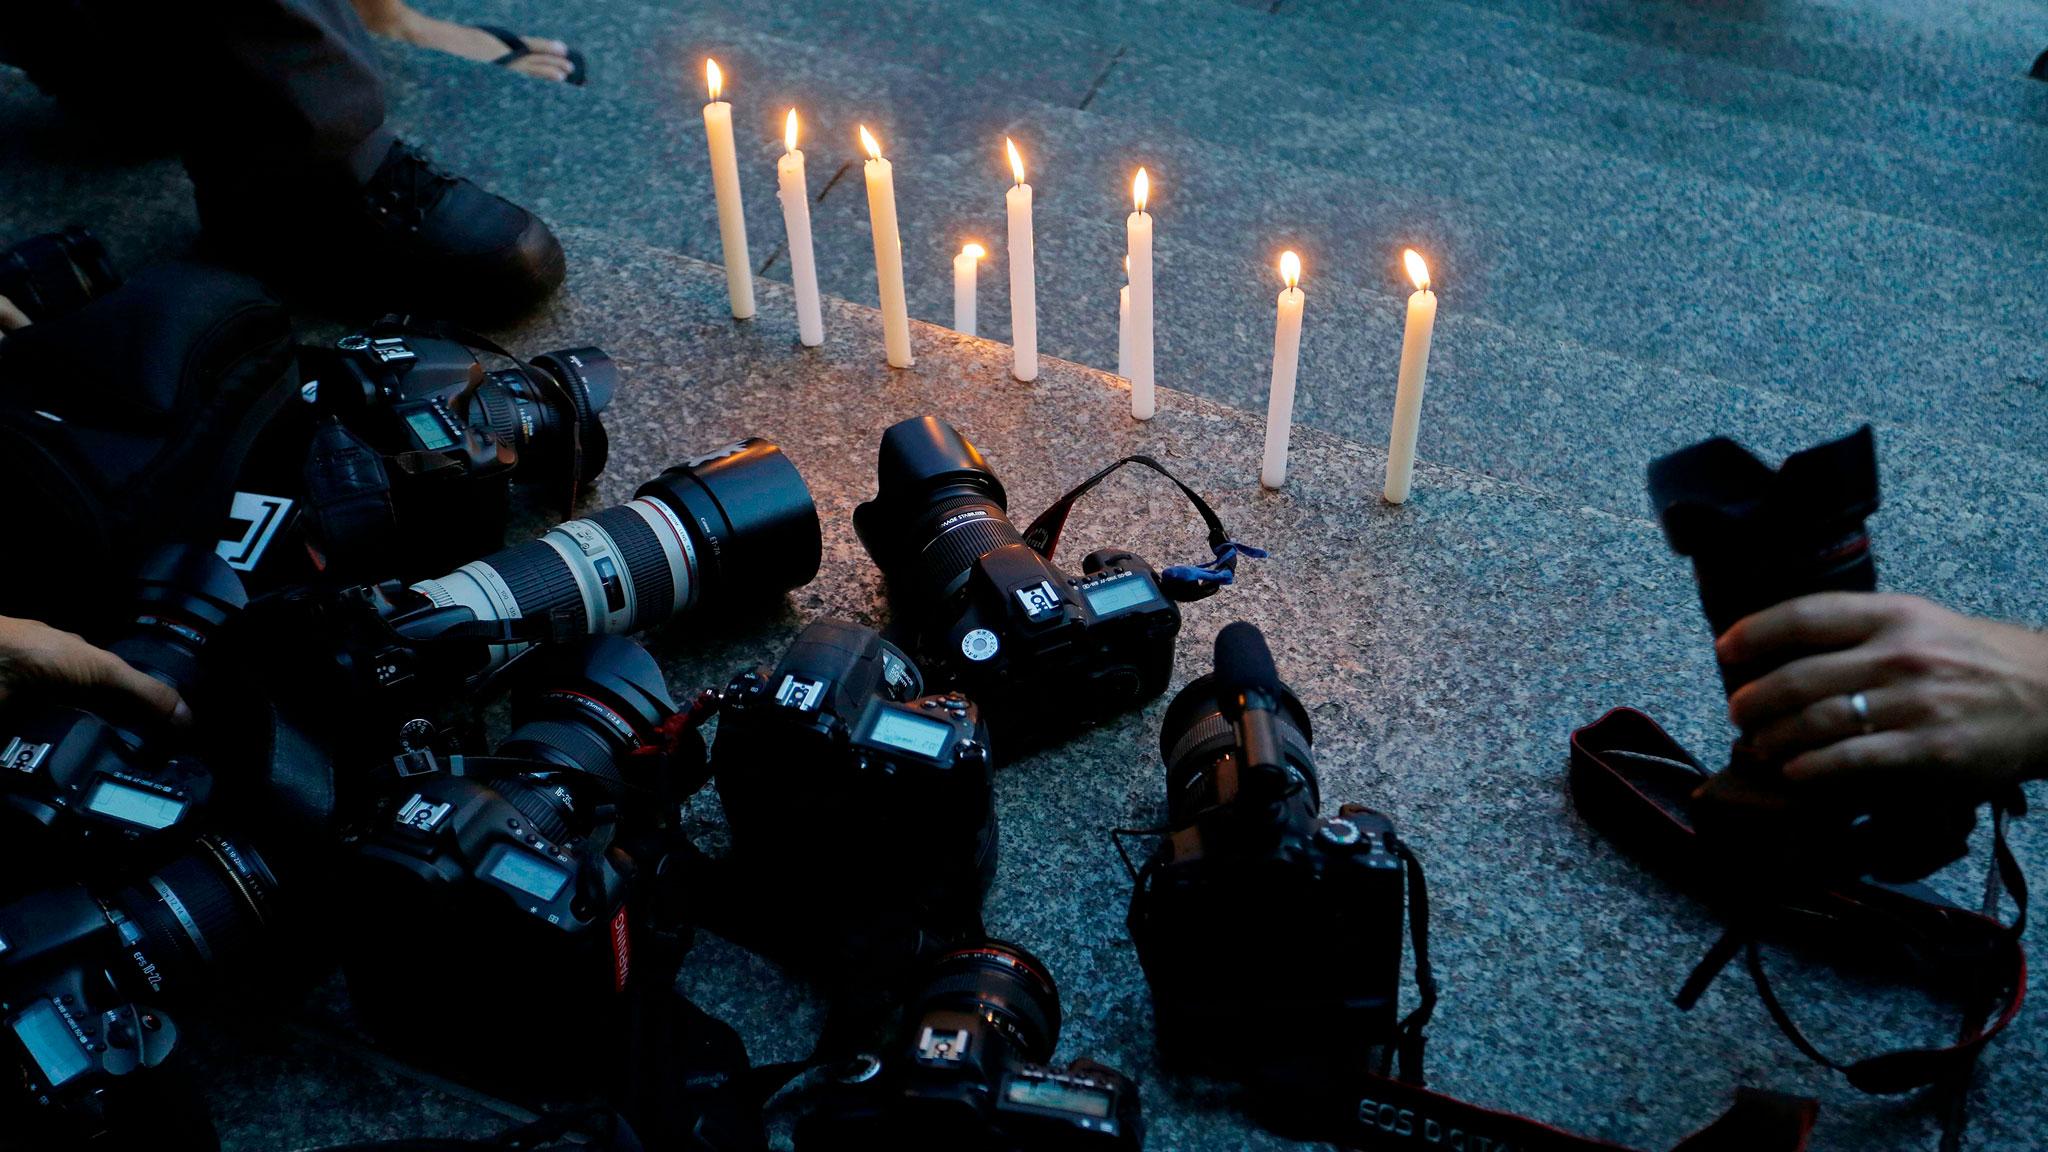 В 2020 году в мире убили 50 журналистов